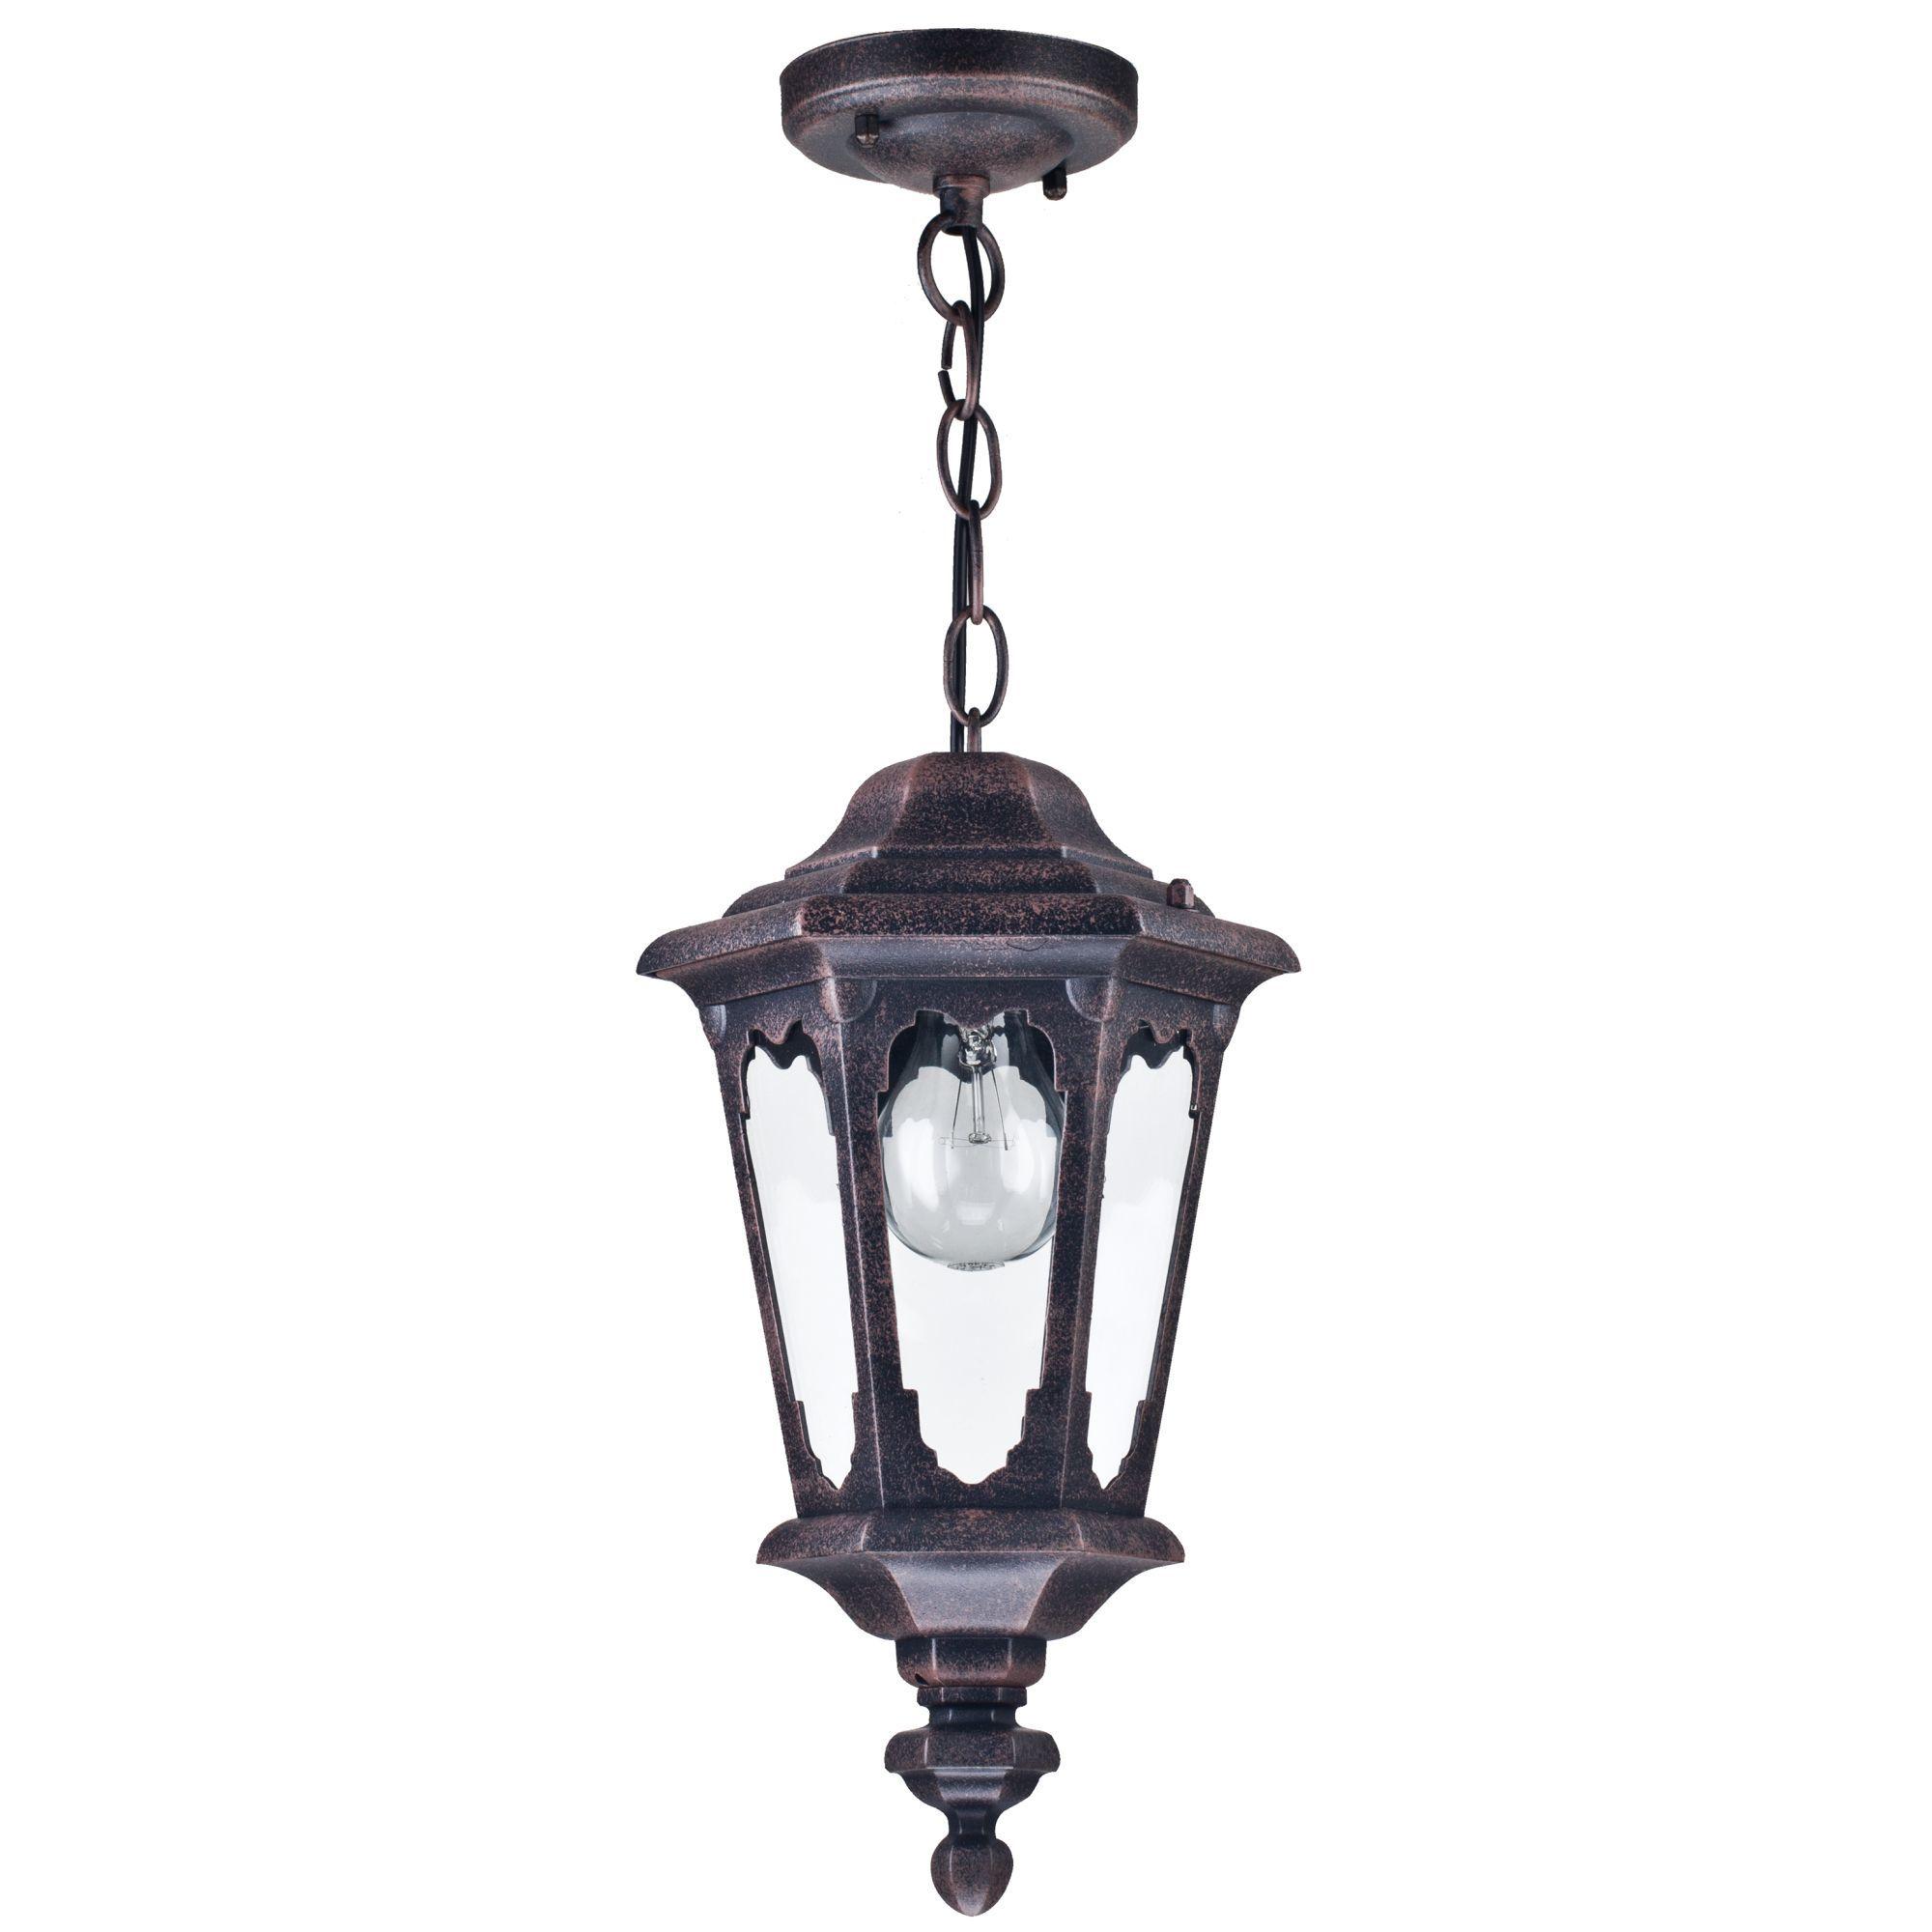 Подвесной светильник Maytoni Oxford S101-10-41-B, IP44, 1xE27x60W, черный, прозрачный, металл, стекло - фото 2